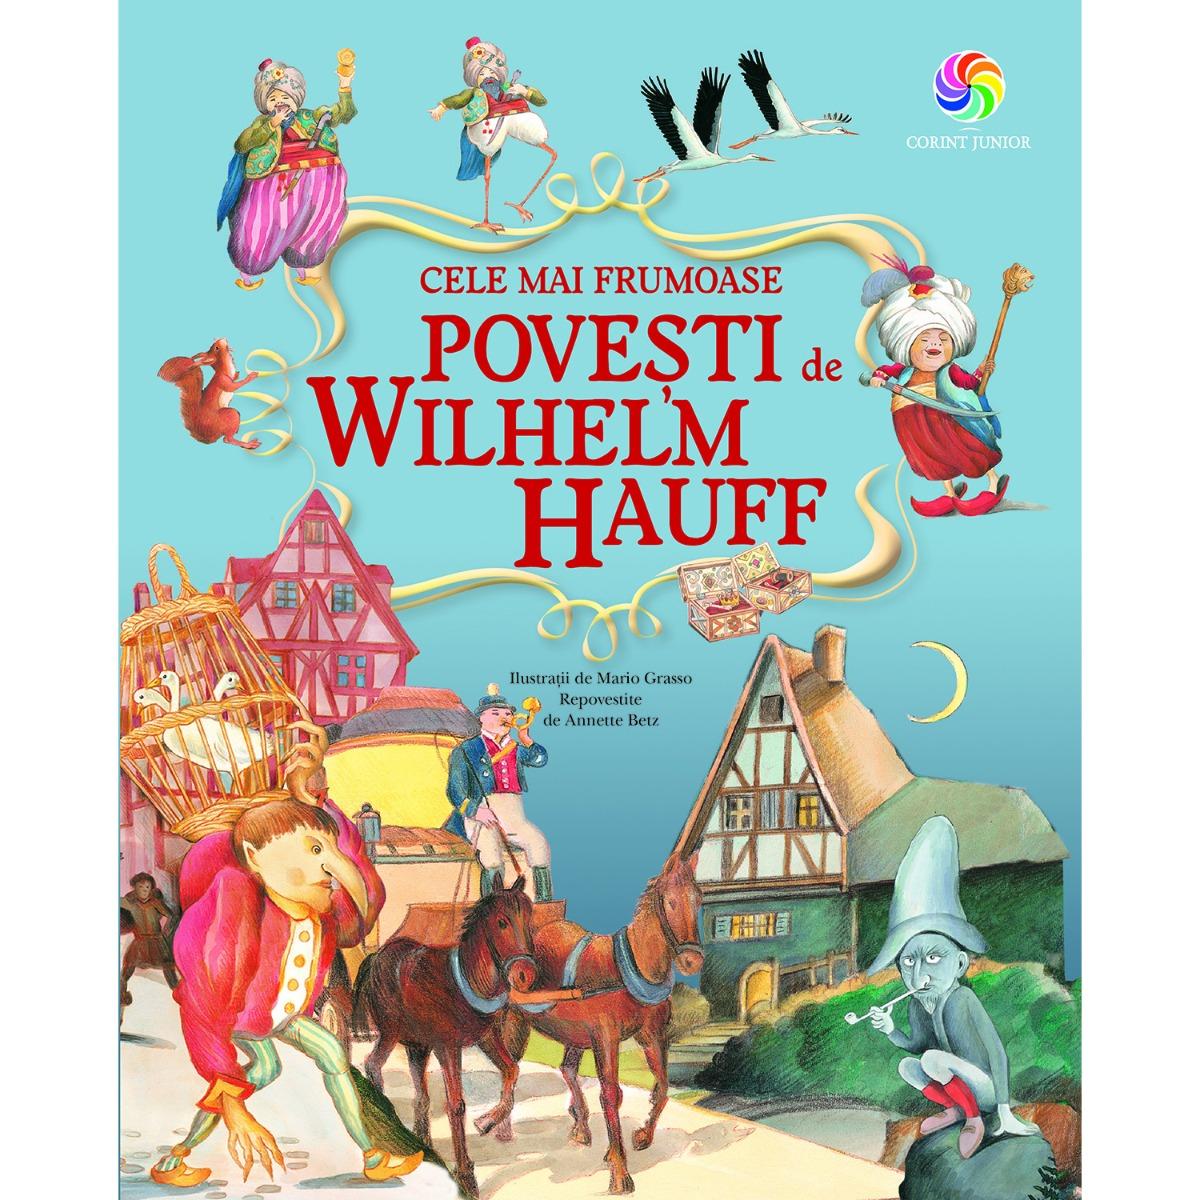 Carte Editura Corint, Cele mai frumoase povesti de Wilhelm Hauff